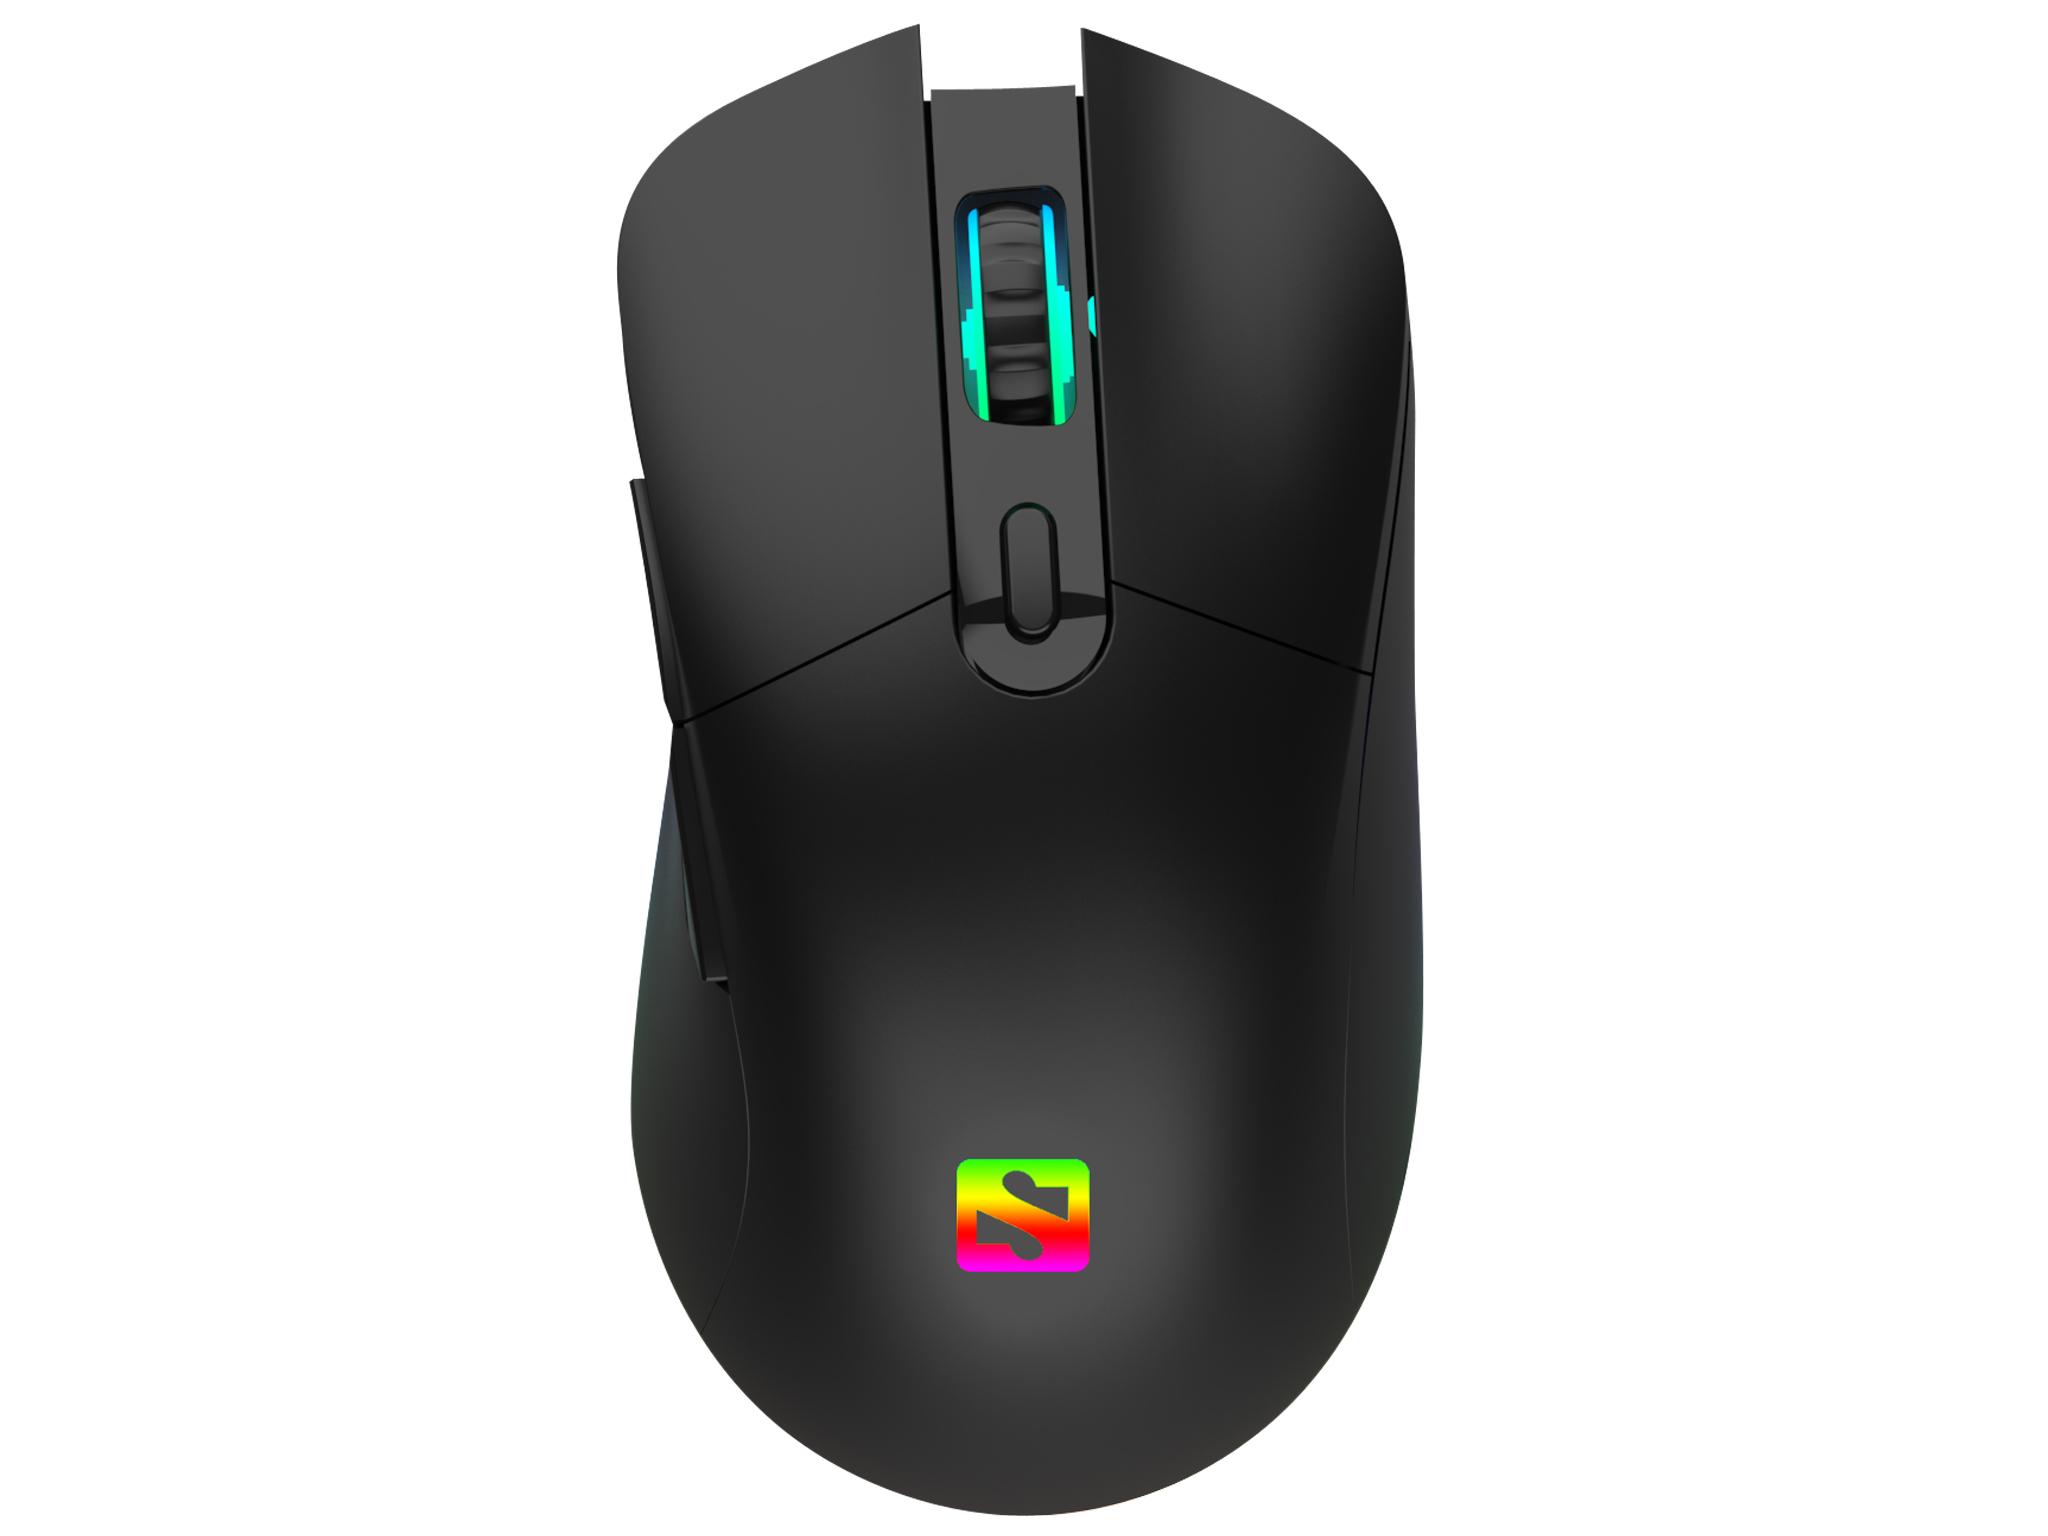 Lyset i musen kan ændres ved at trykke på en knap i bunden.